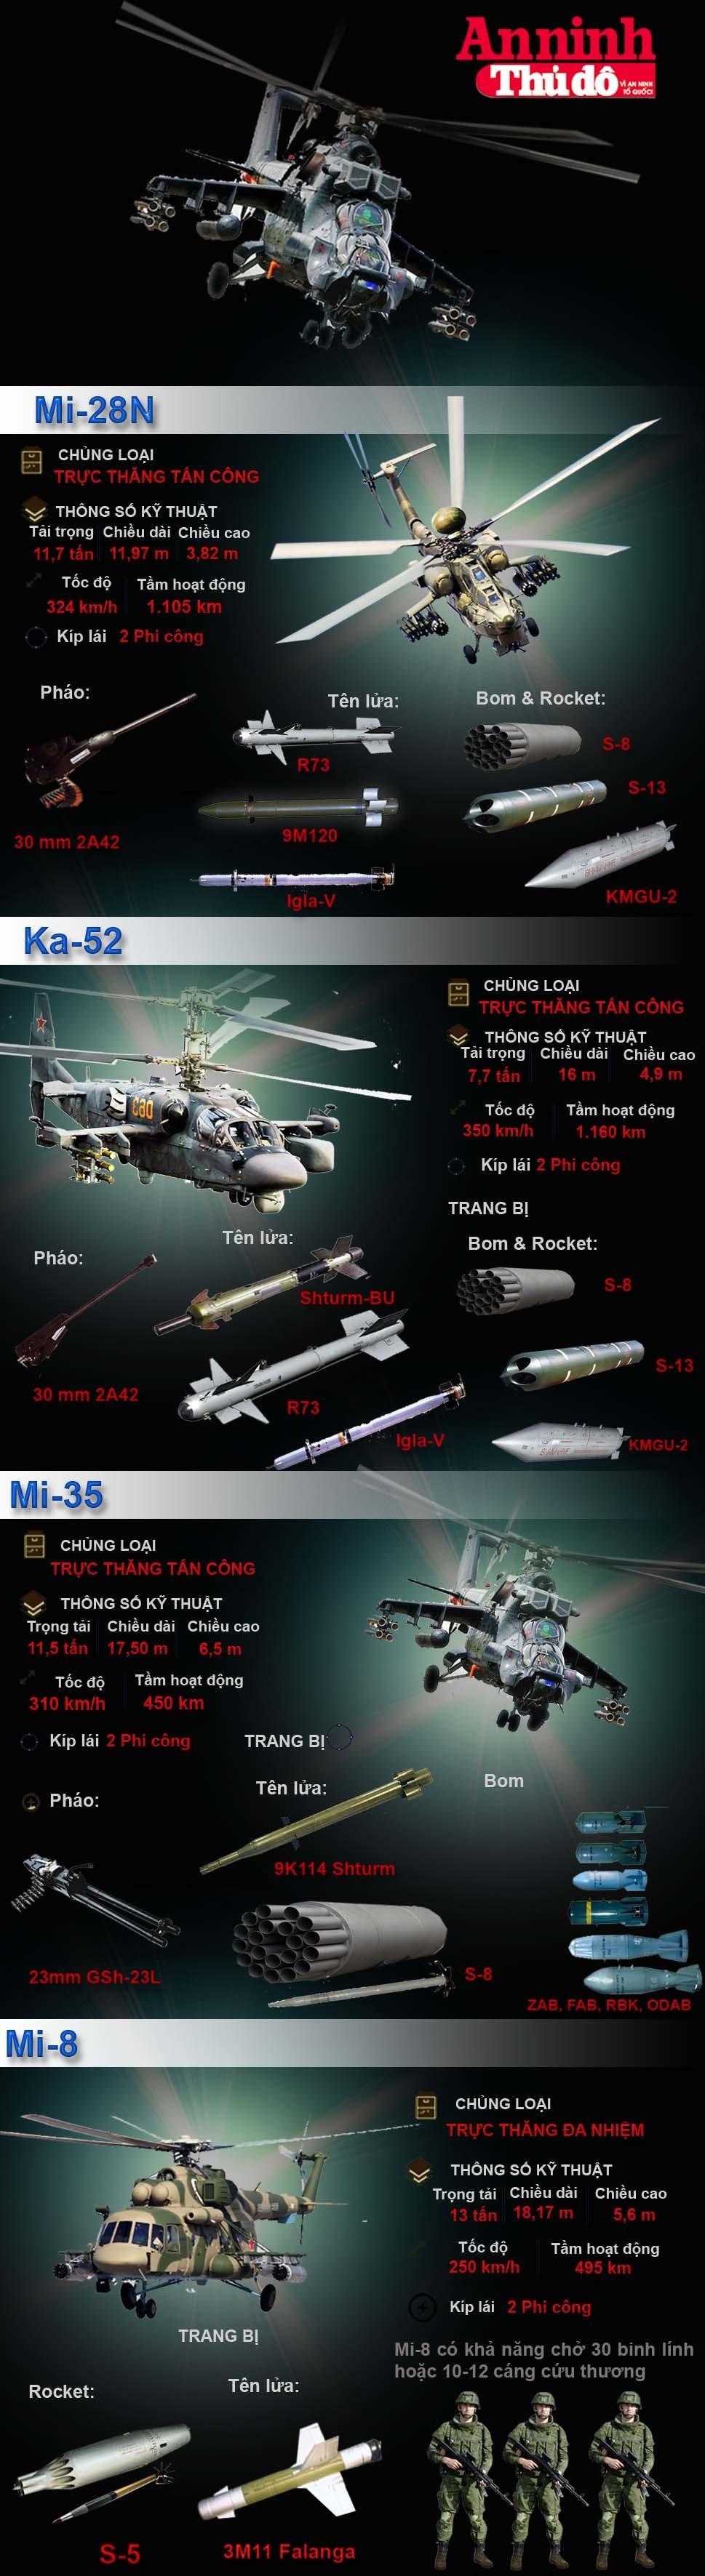 [Infographic] Sức mạnh các trực thăng Nga trên chiến trường Syria ảnh 1